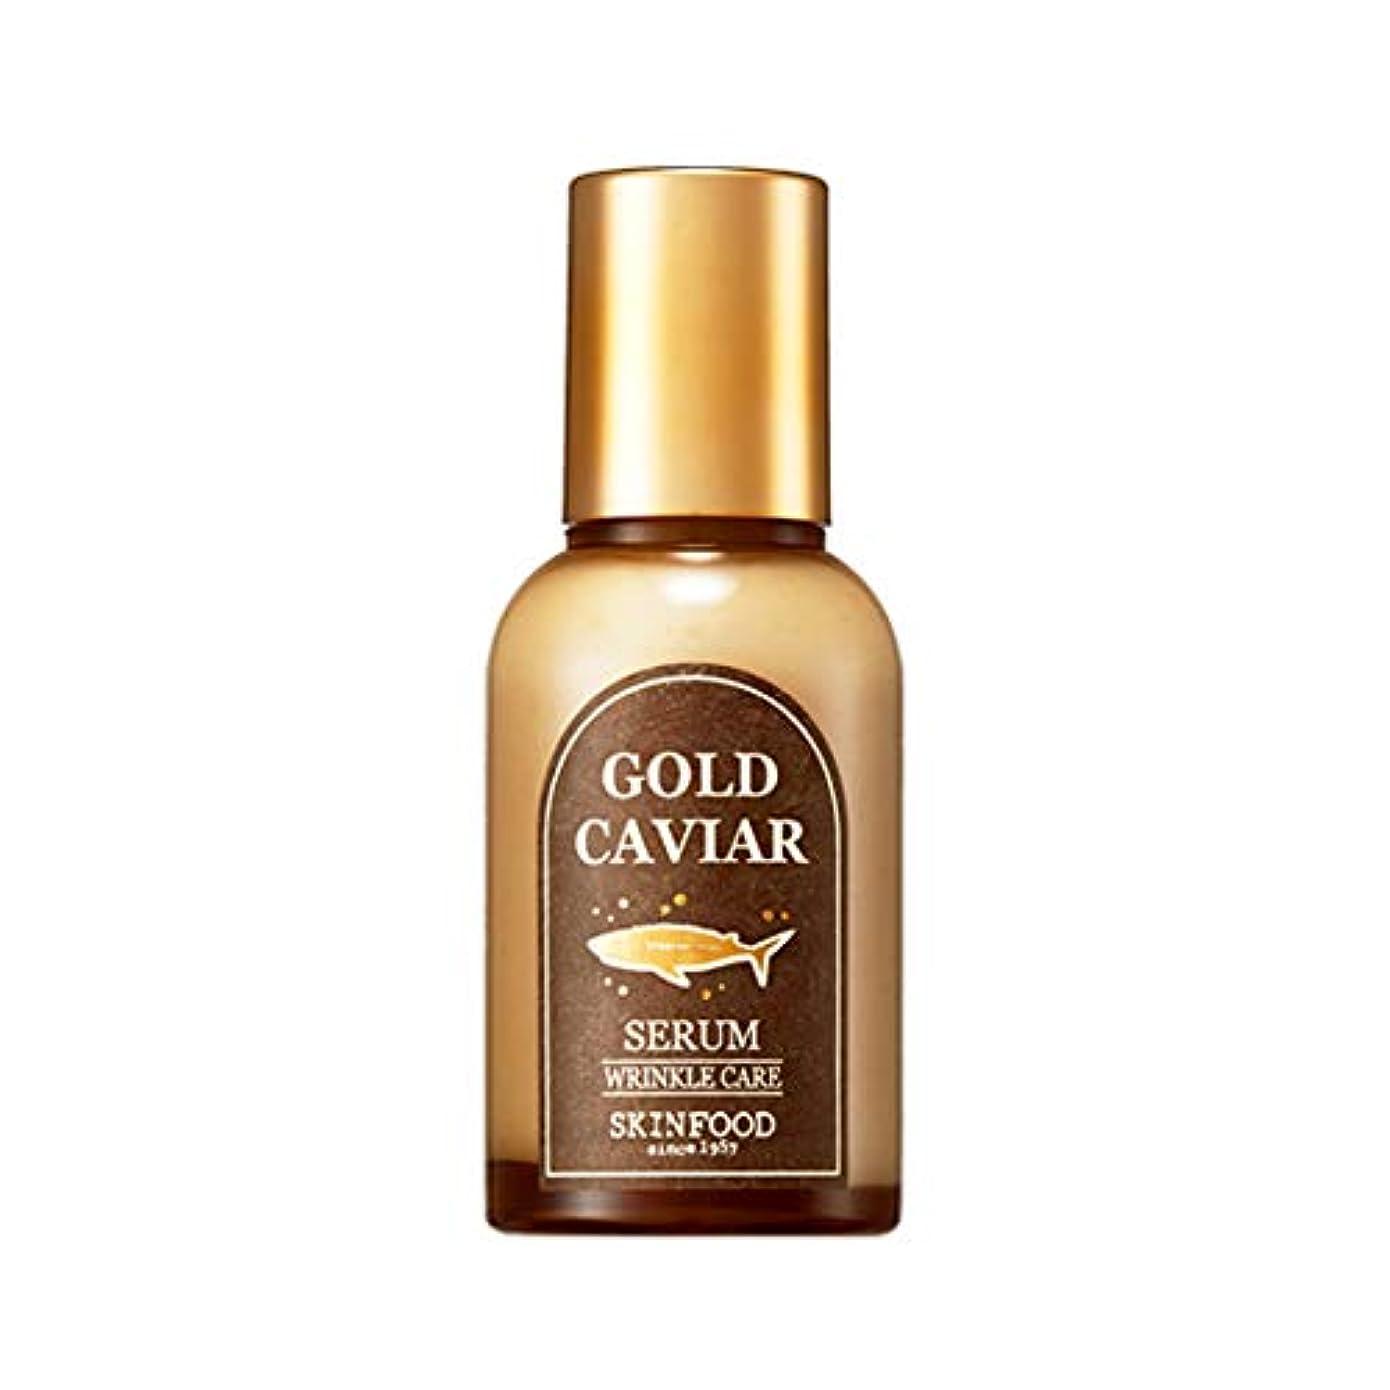 知っているに立ち寄るカルシウム微弱Skinfood Gold Caviar Serum [Cosmeceutical for wrinkle care] /ゴールドキャビアセラム[しわケア用化粧品]/50ml [並行輸入品]